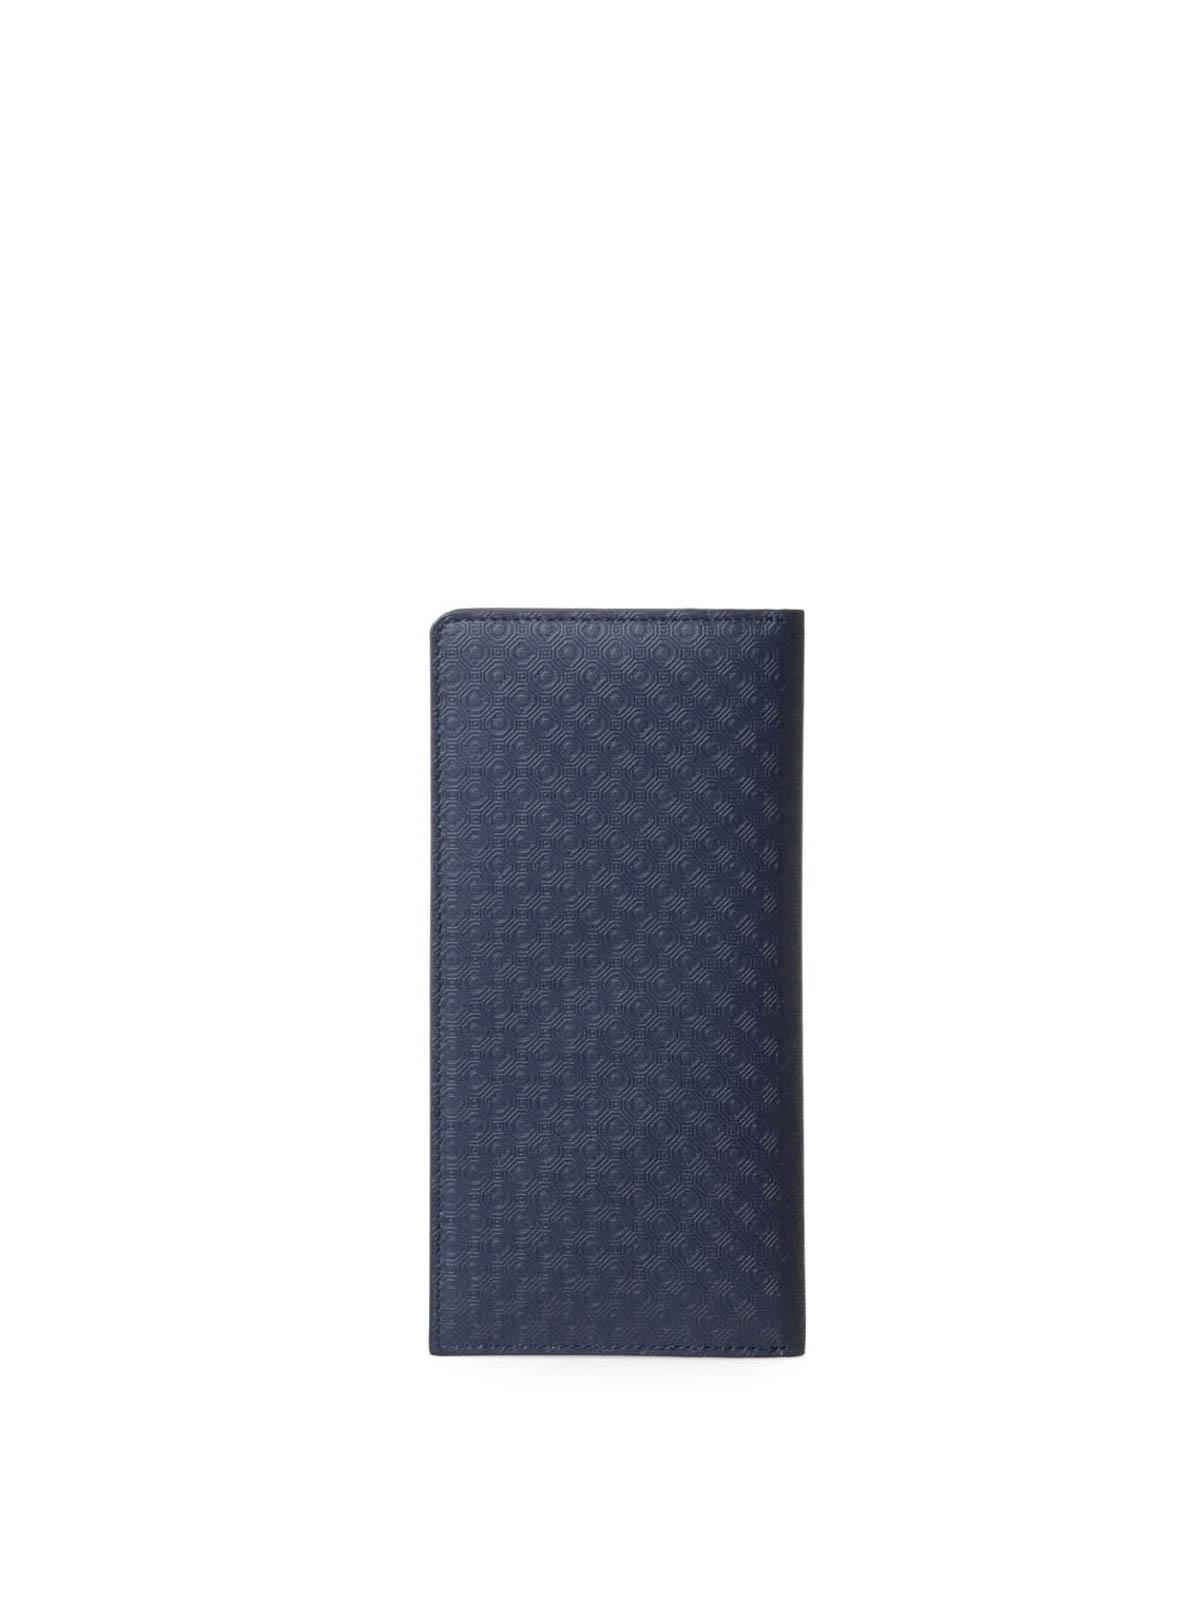 Salvatore Ferragamo - Porta carte in pelle - portafogli - 660440 646093 60f08f72e5e